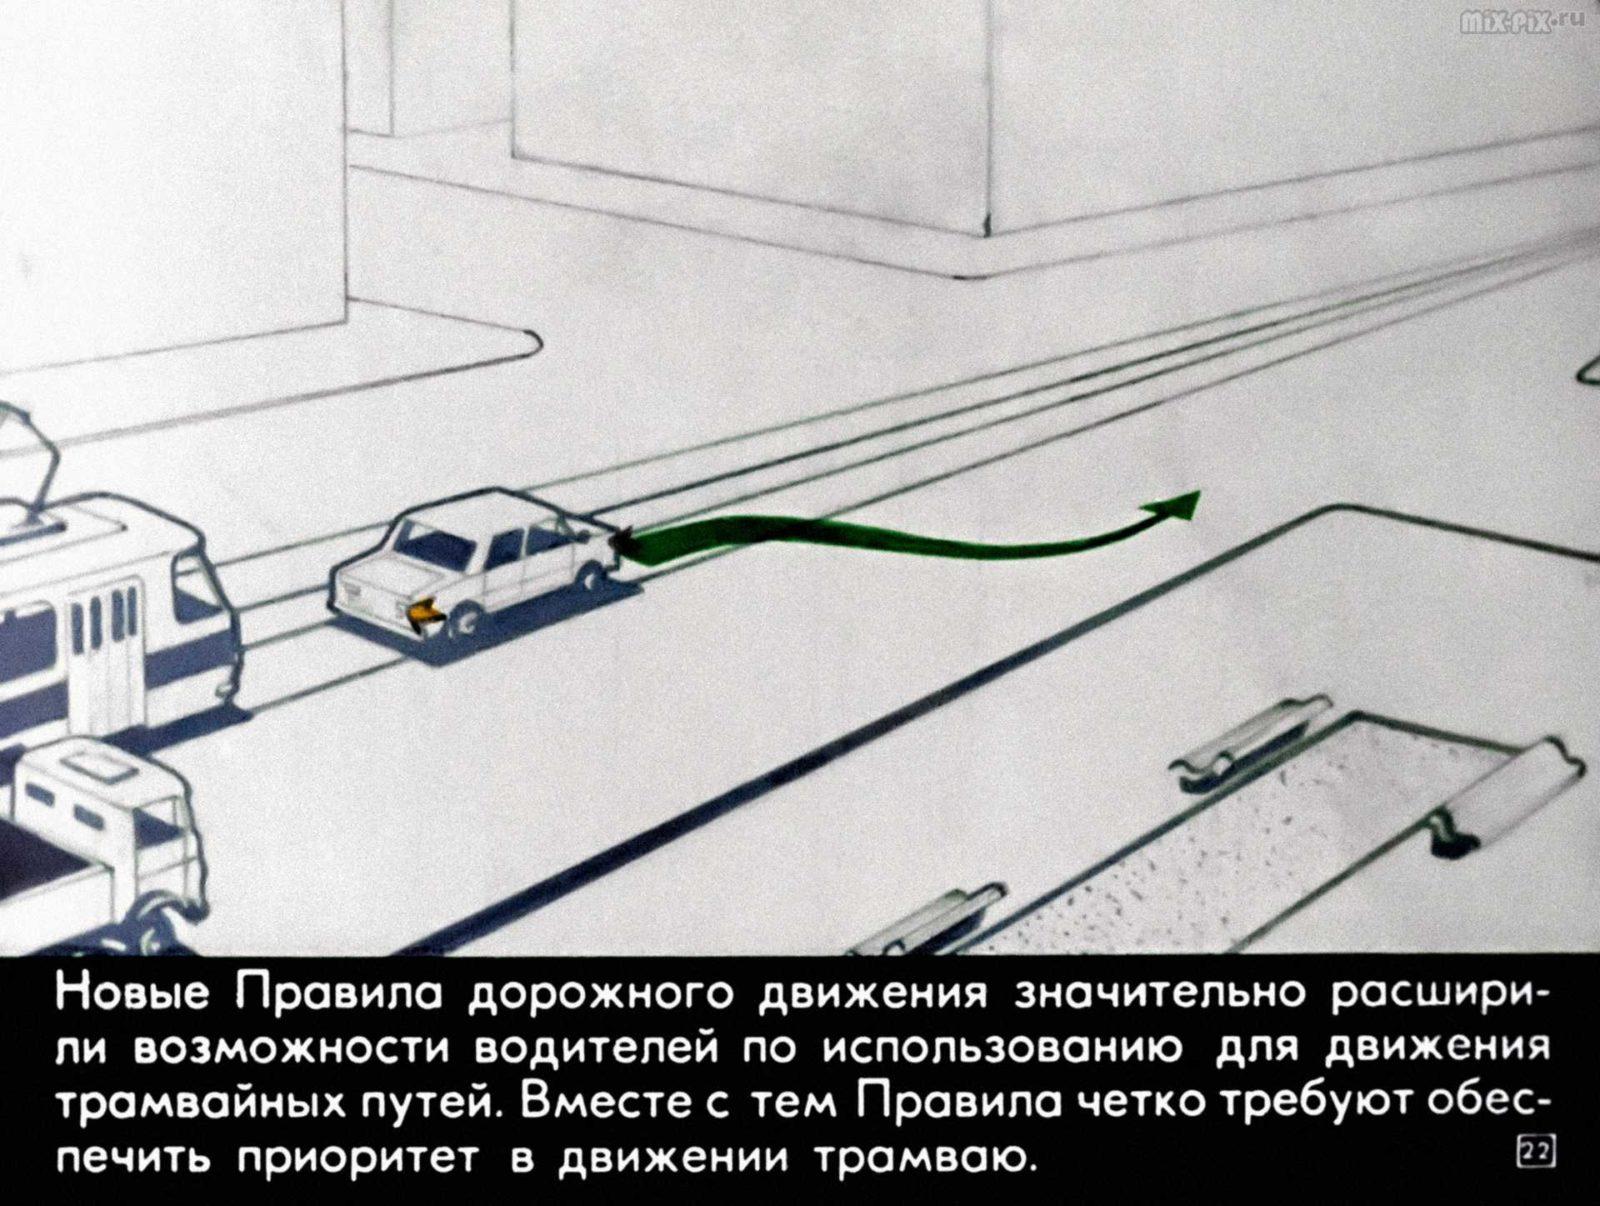 Правила дорожного движения. Расположение транспортных средств на проезжей части. Начало движения. Маневрирование (1983) 41